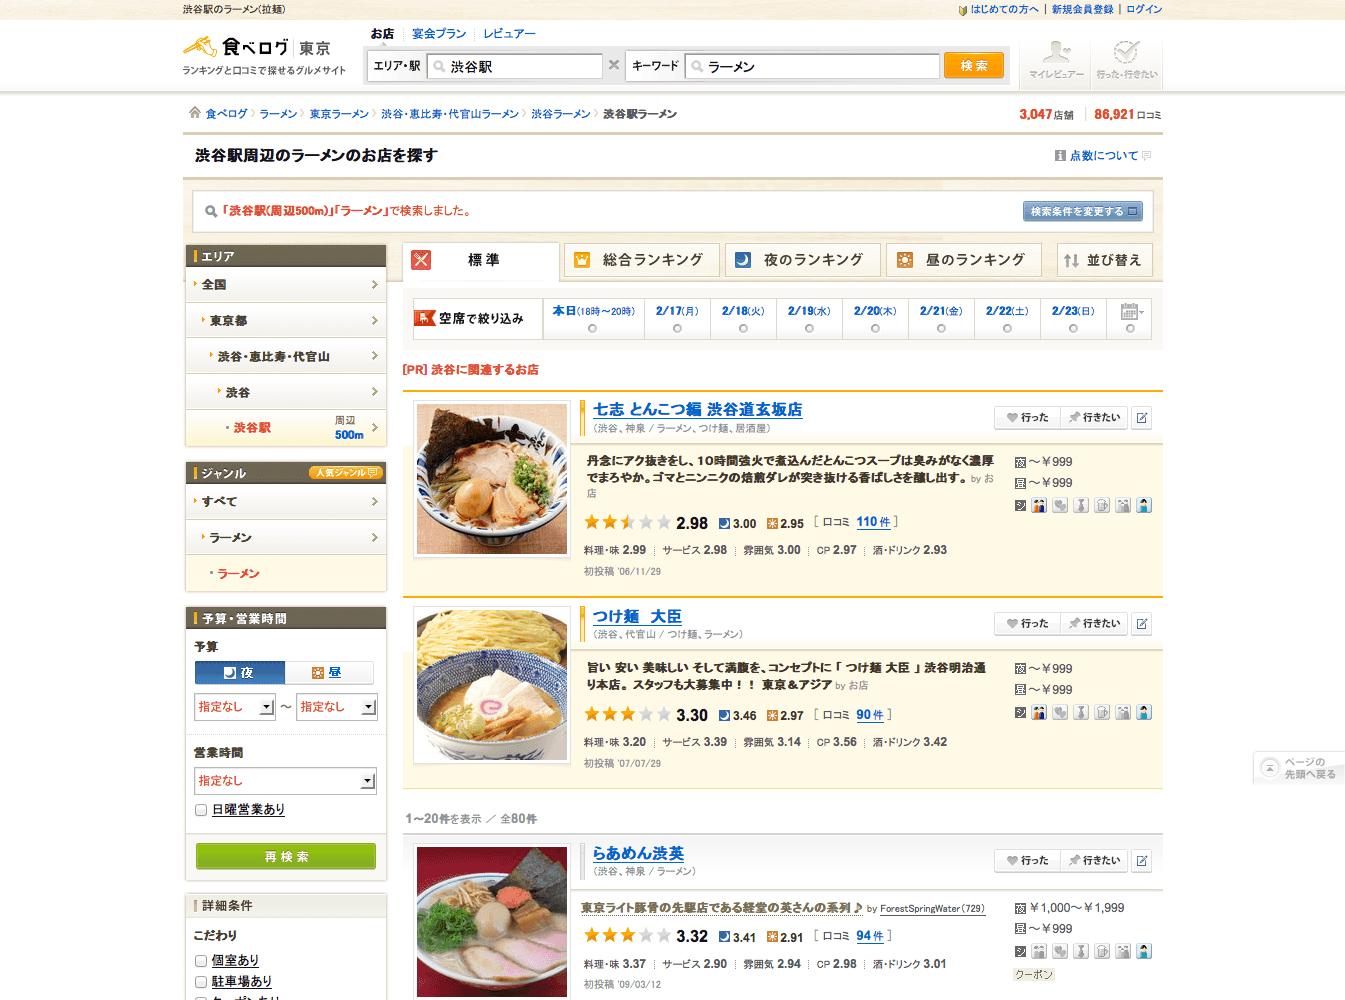 食べログの検索結果